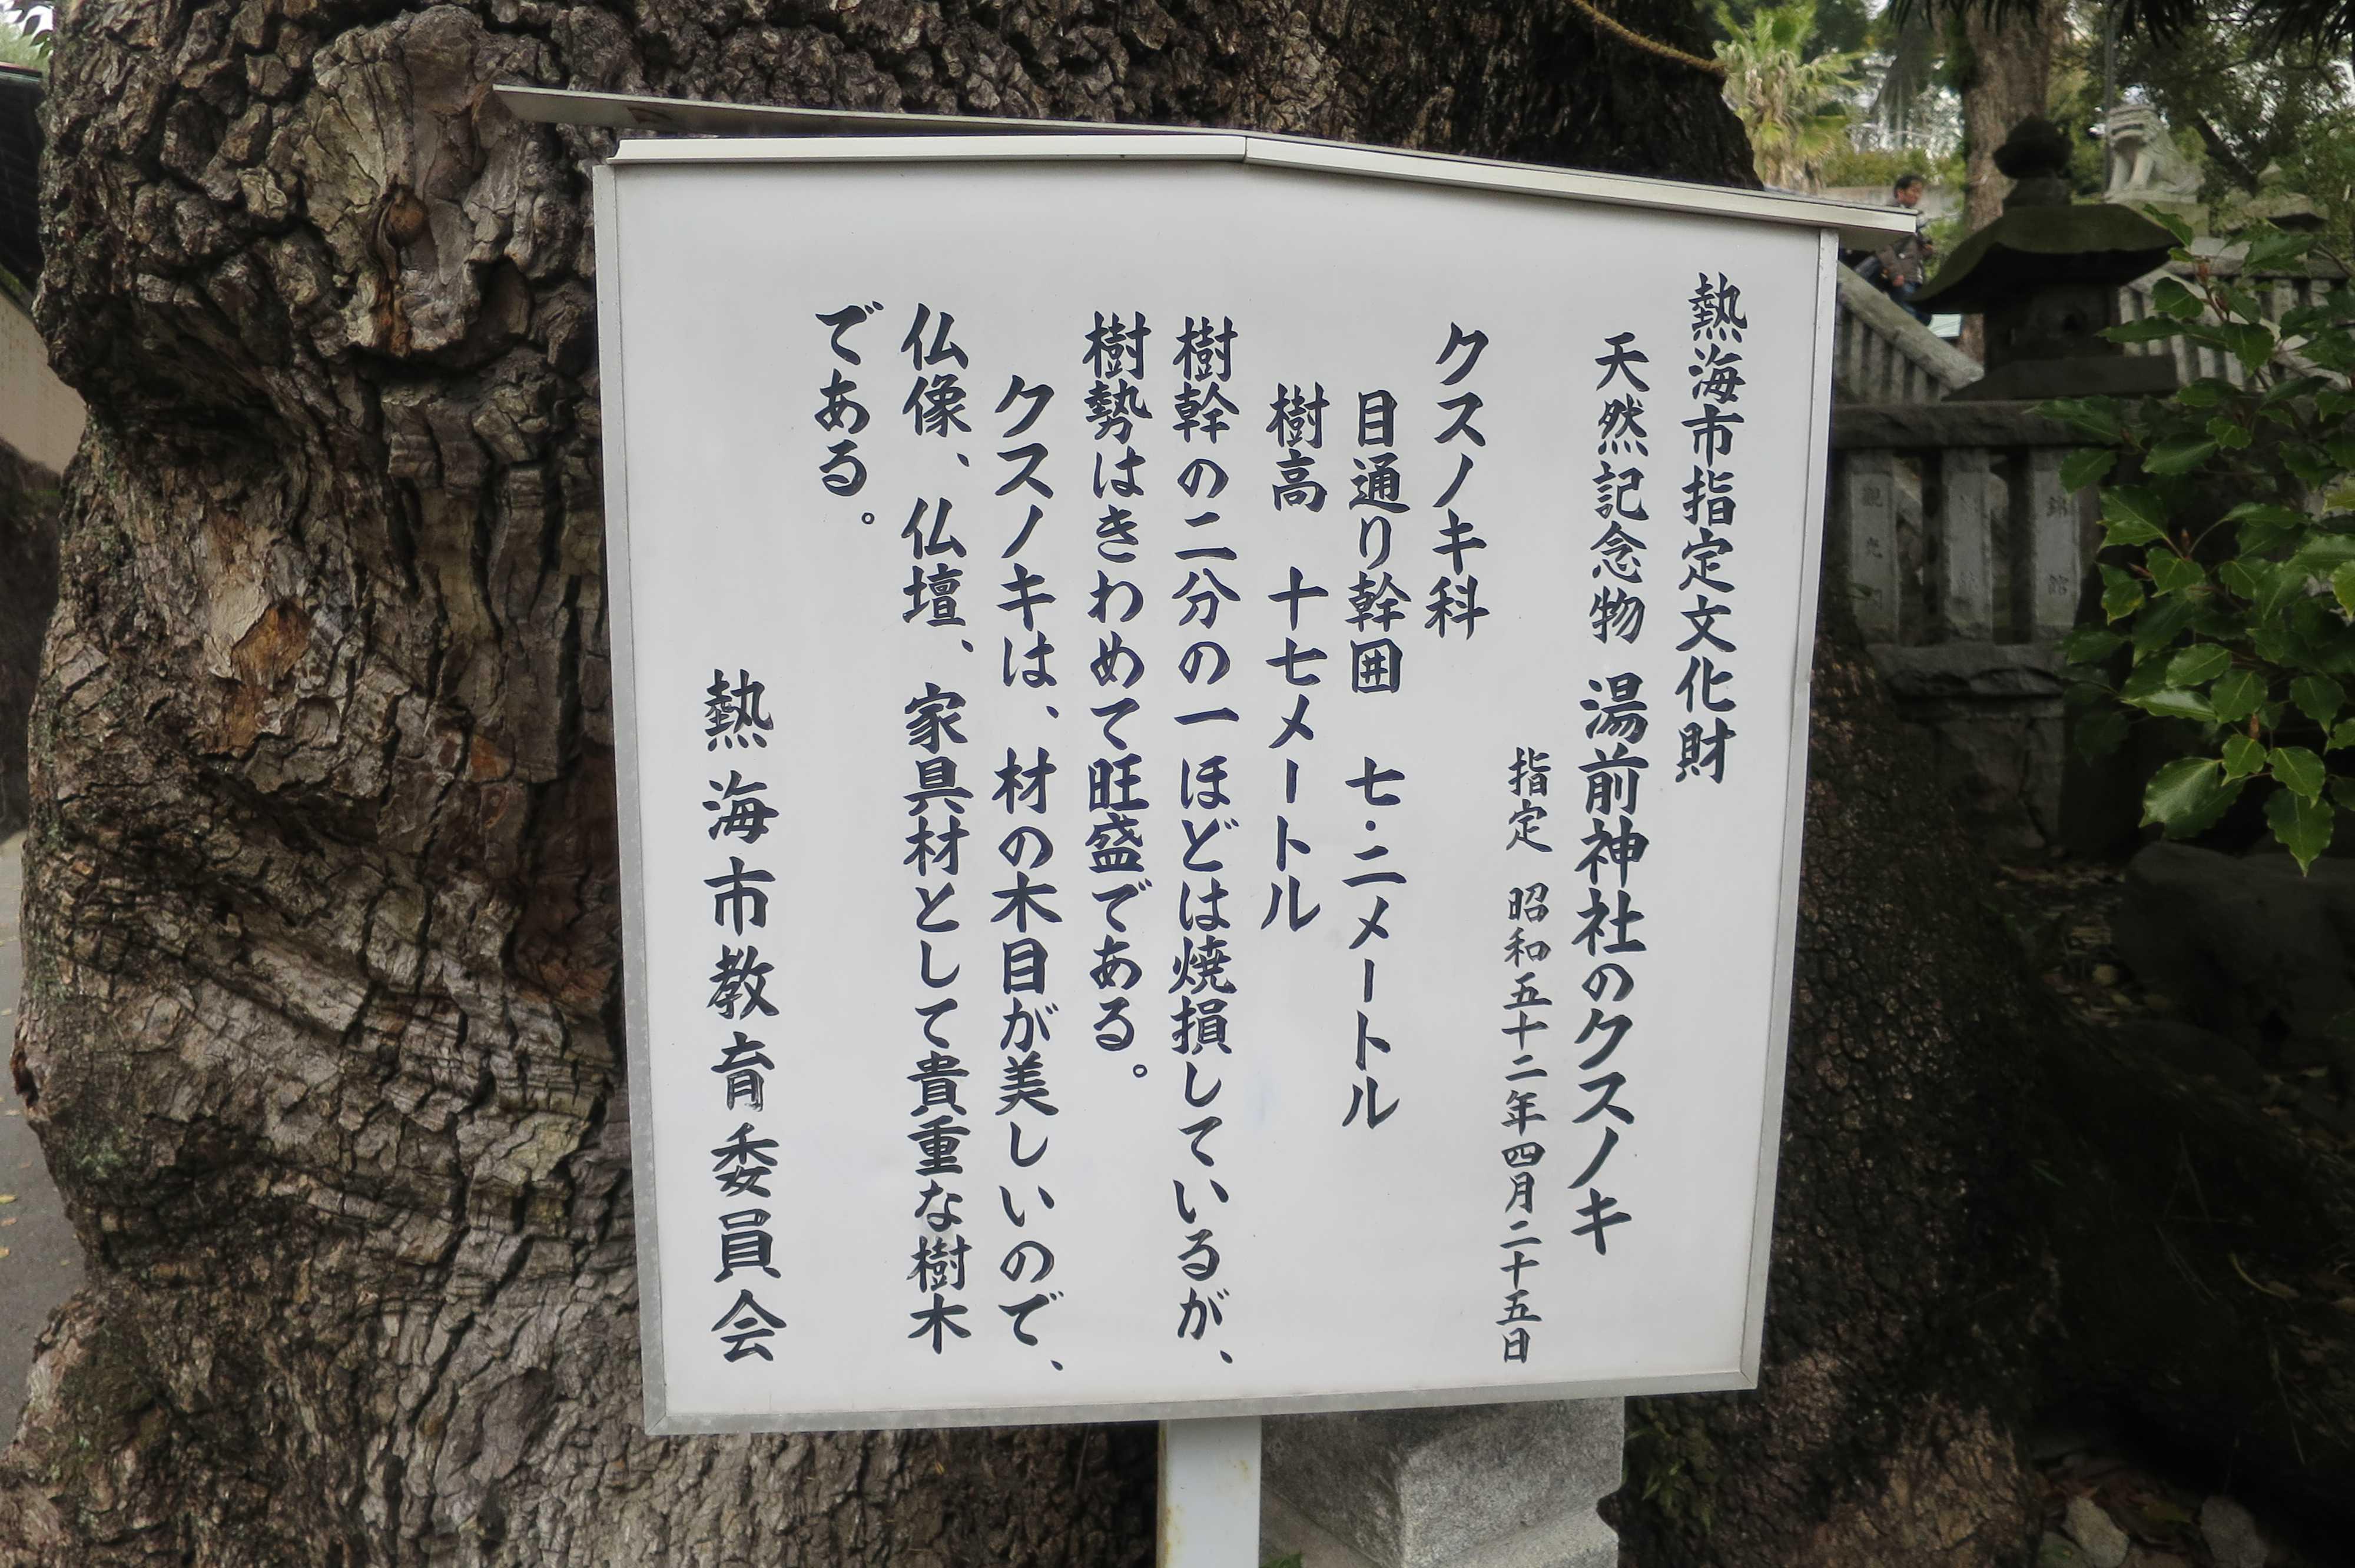 天然記念物 湯前神社のクスノキ